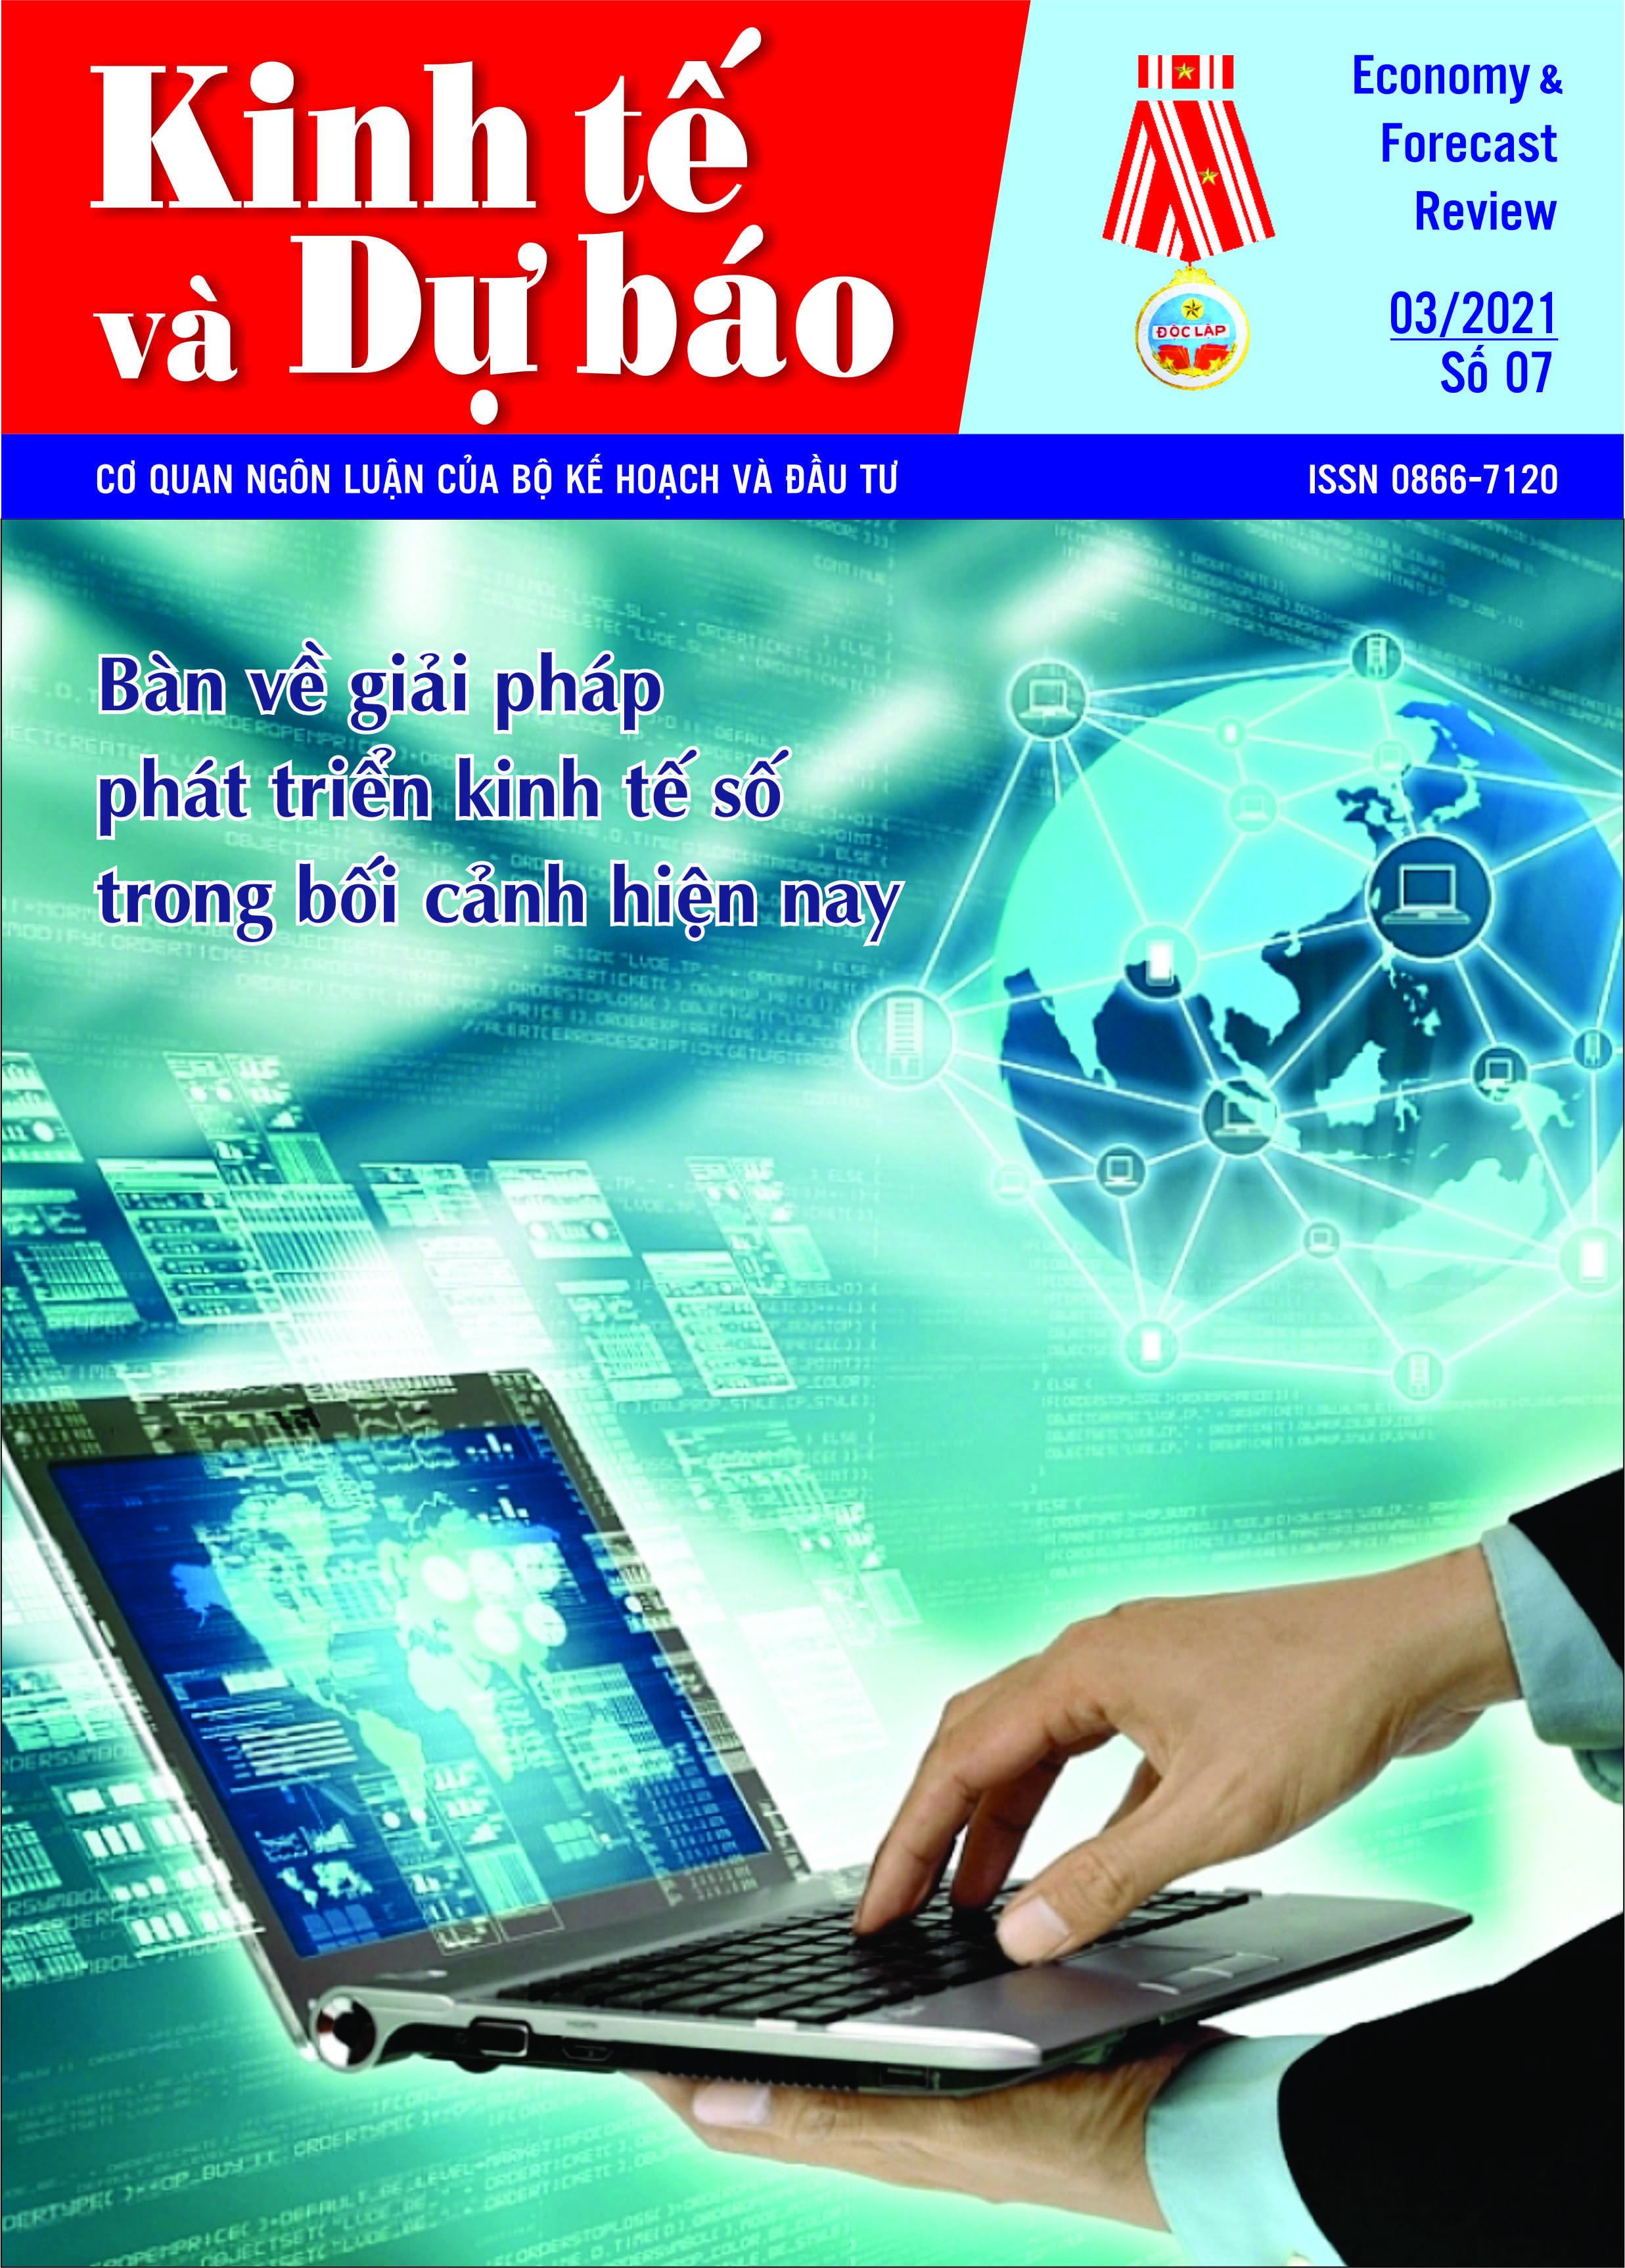 Giới thiệu Tạp chí Kinh tế và Dự báo số 7 (761)